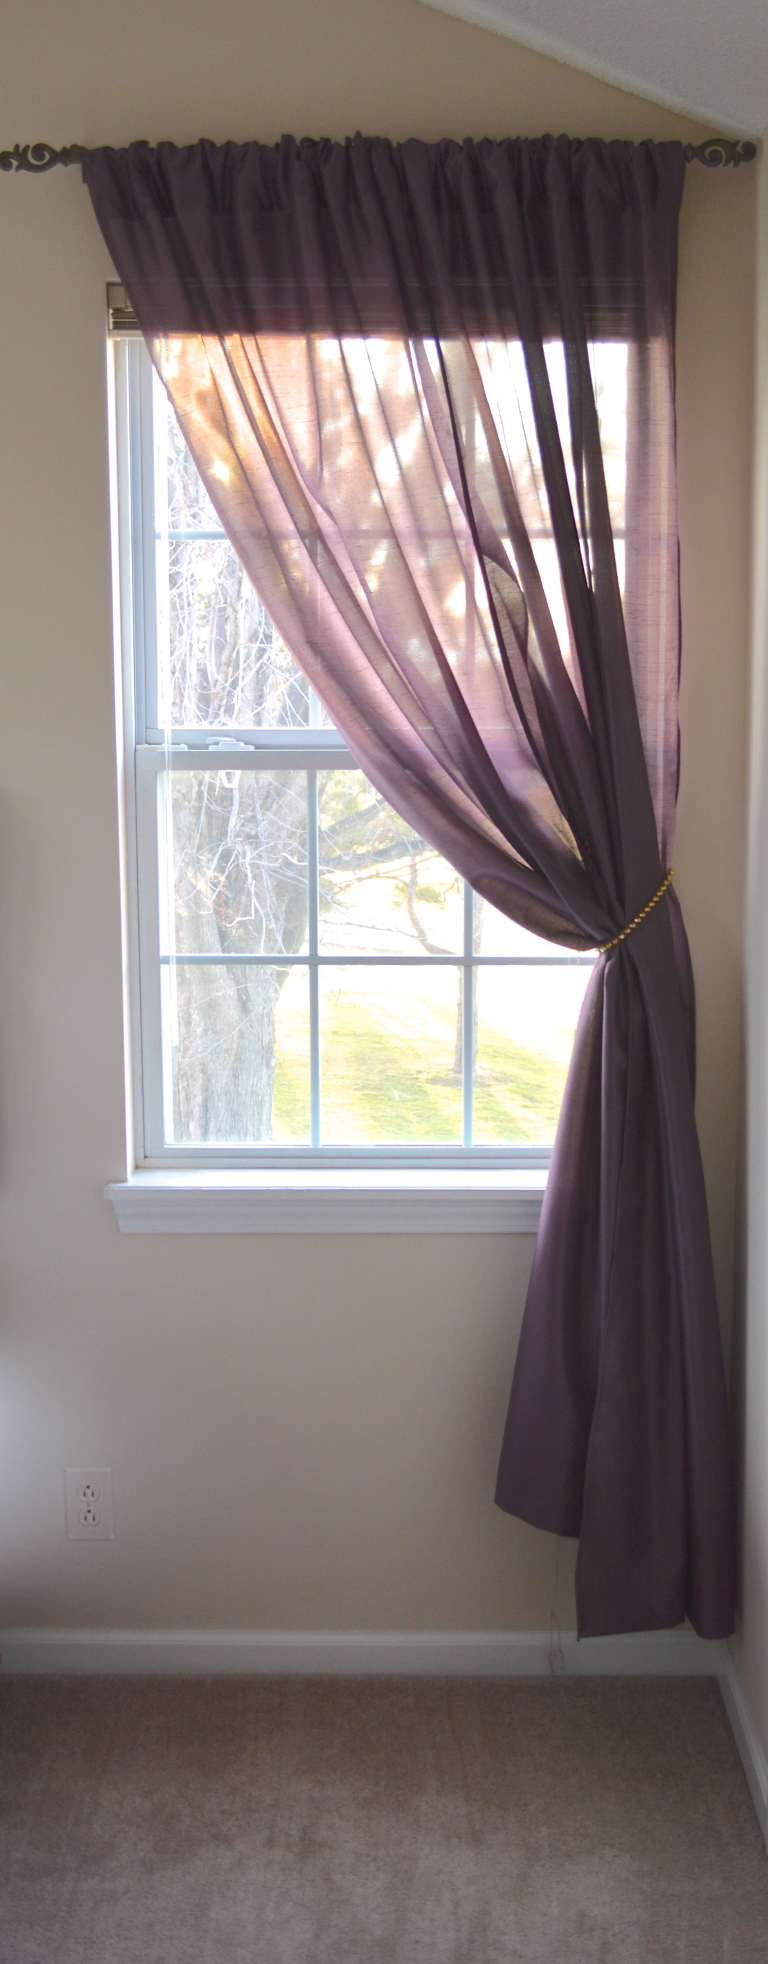 single window in bedroom